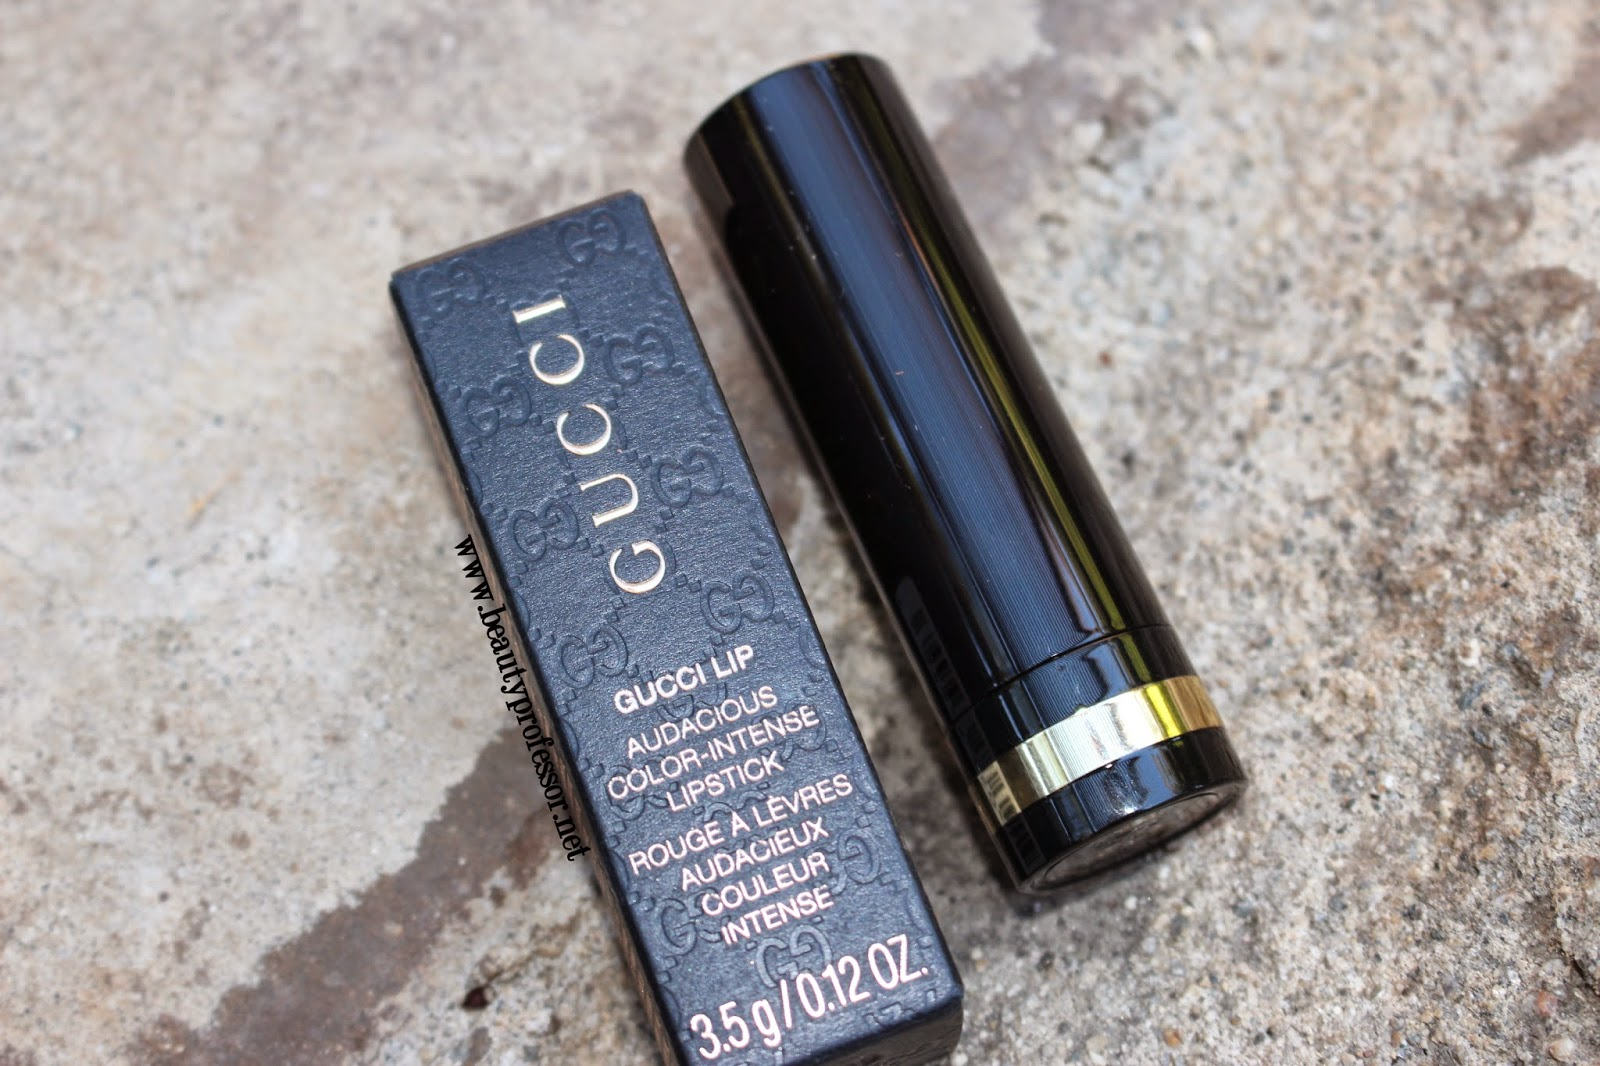 gucci lipstick